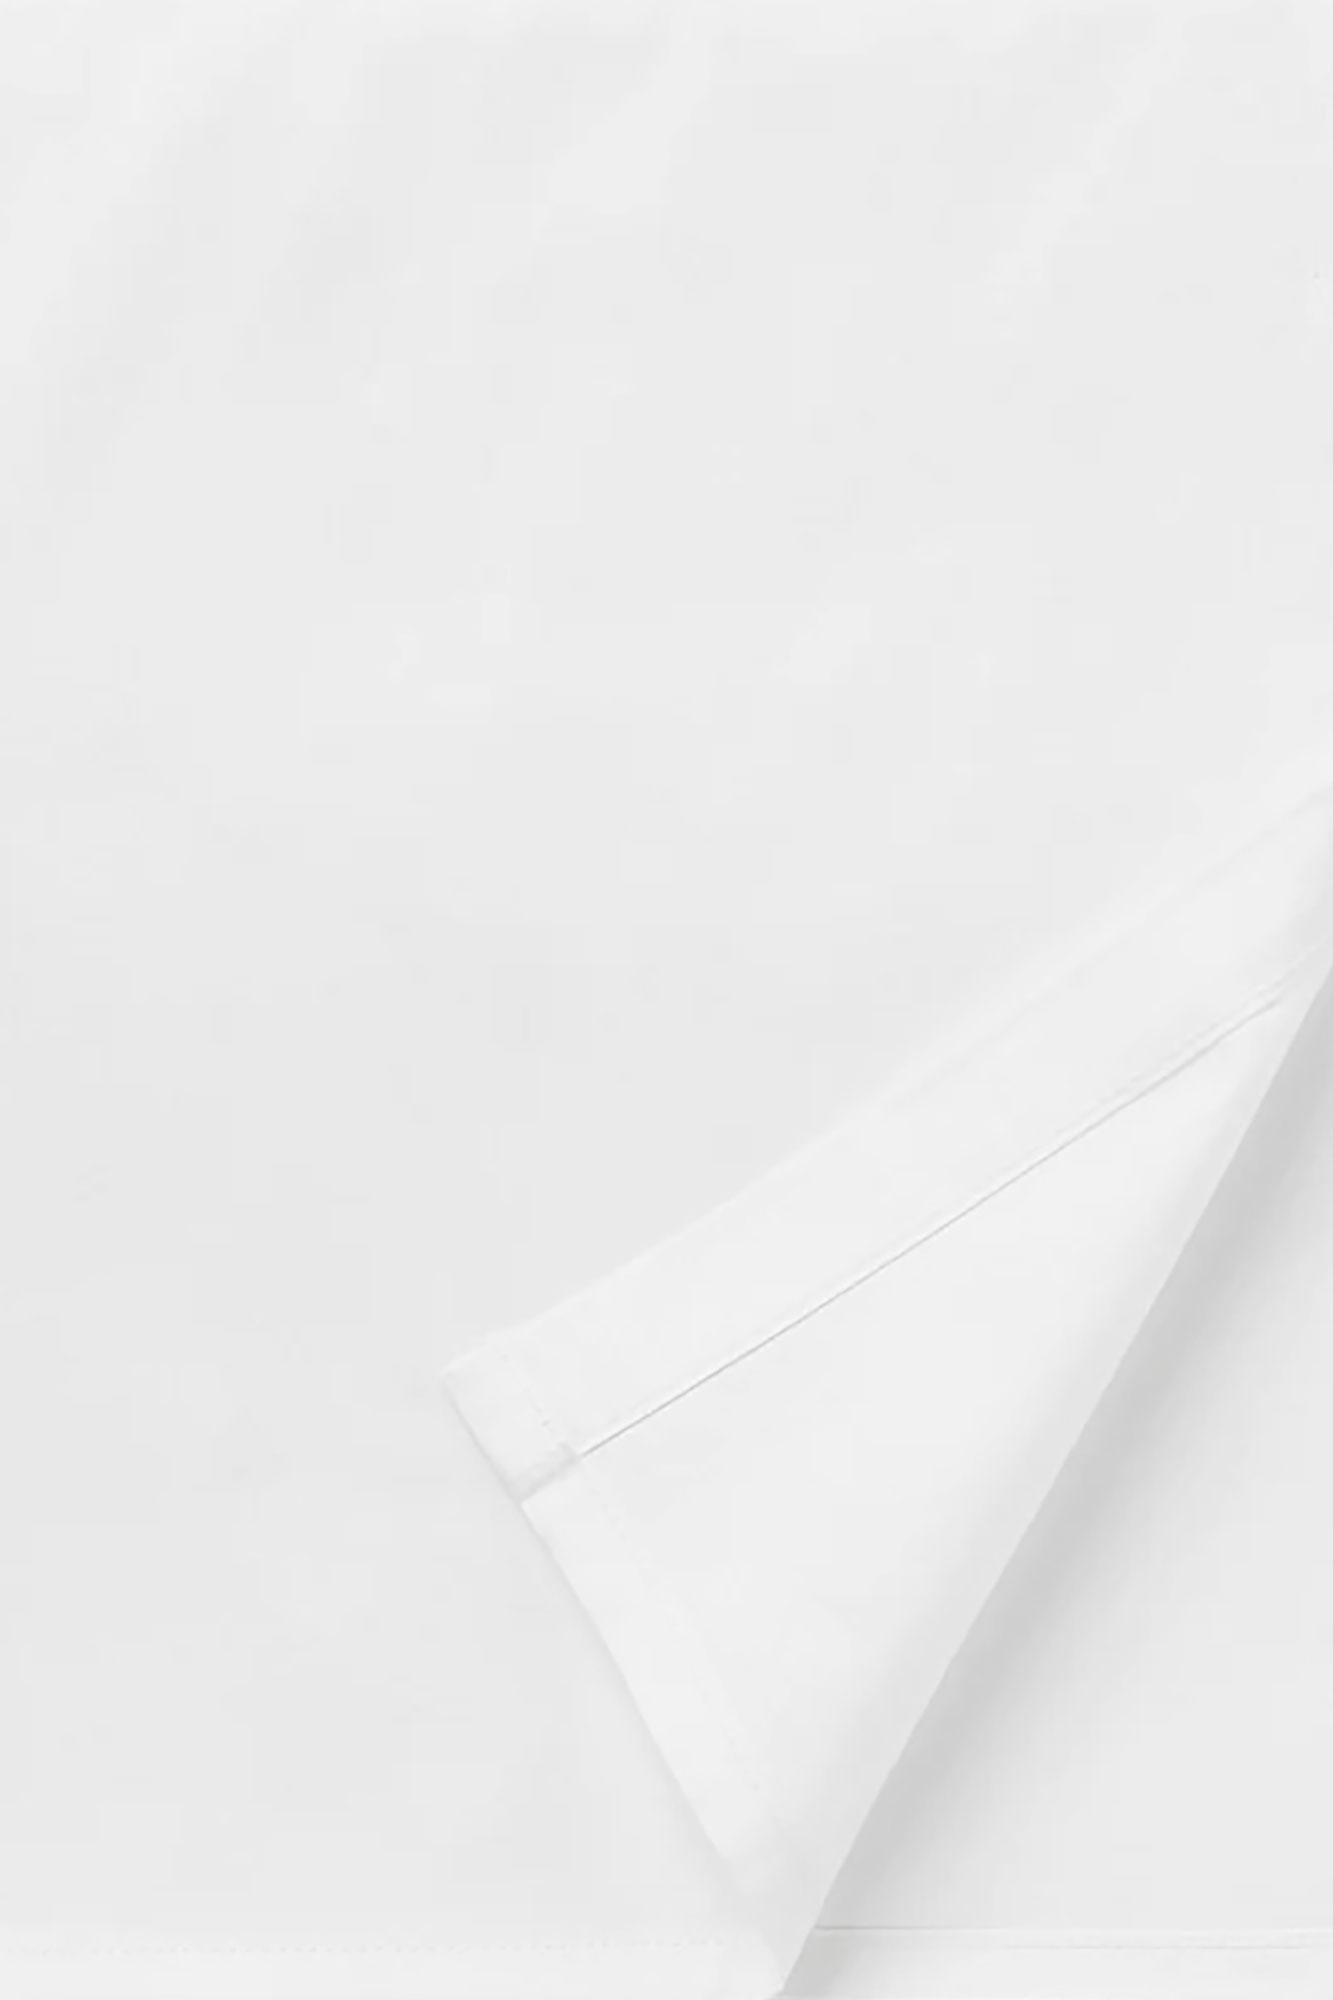 Lençol de cobrir solteiro Branco